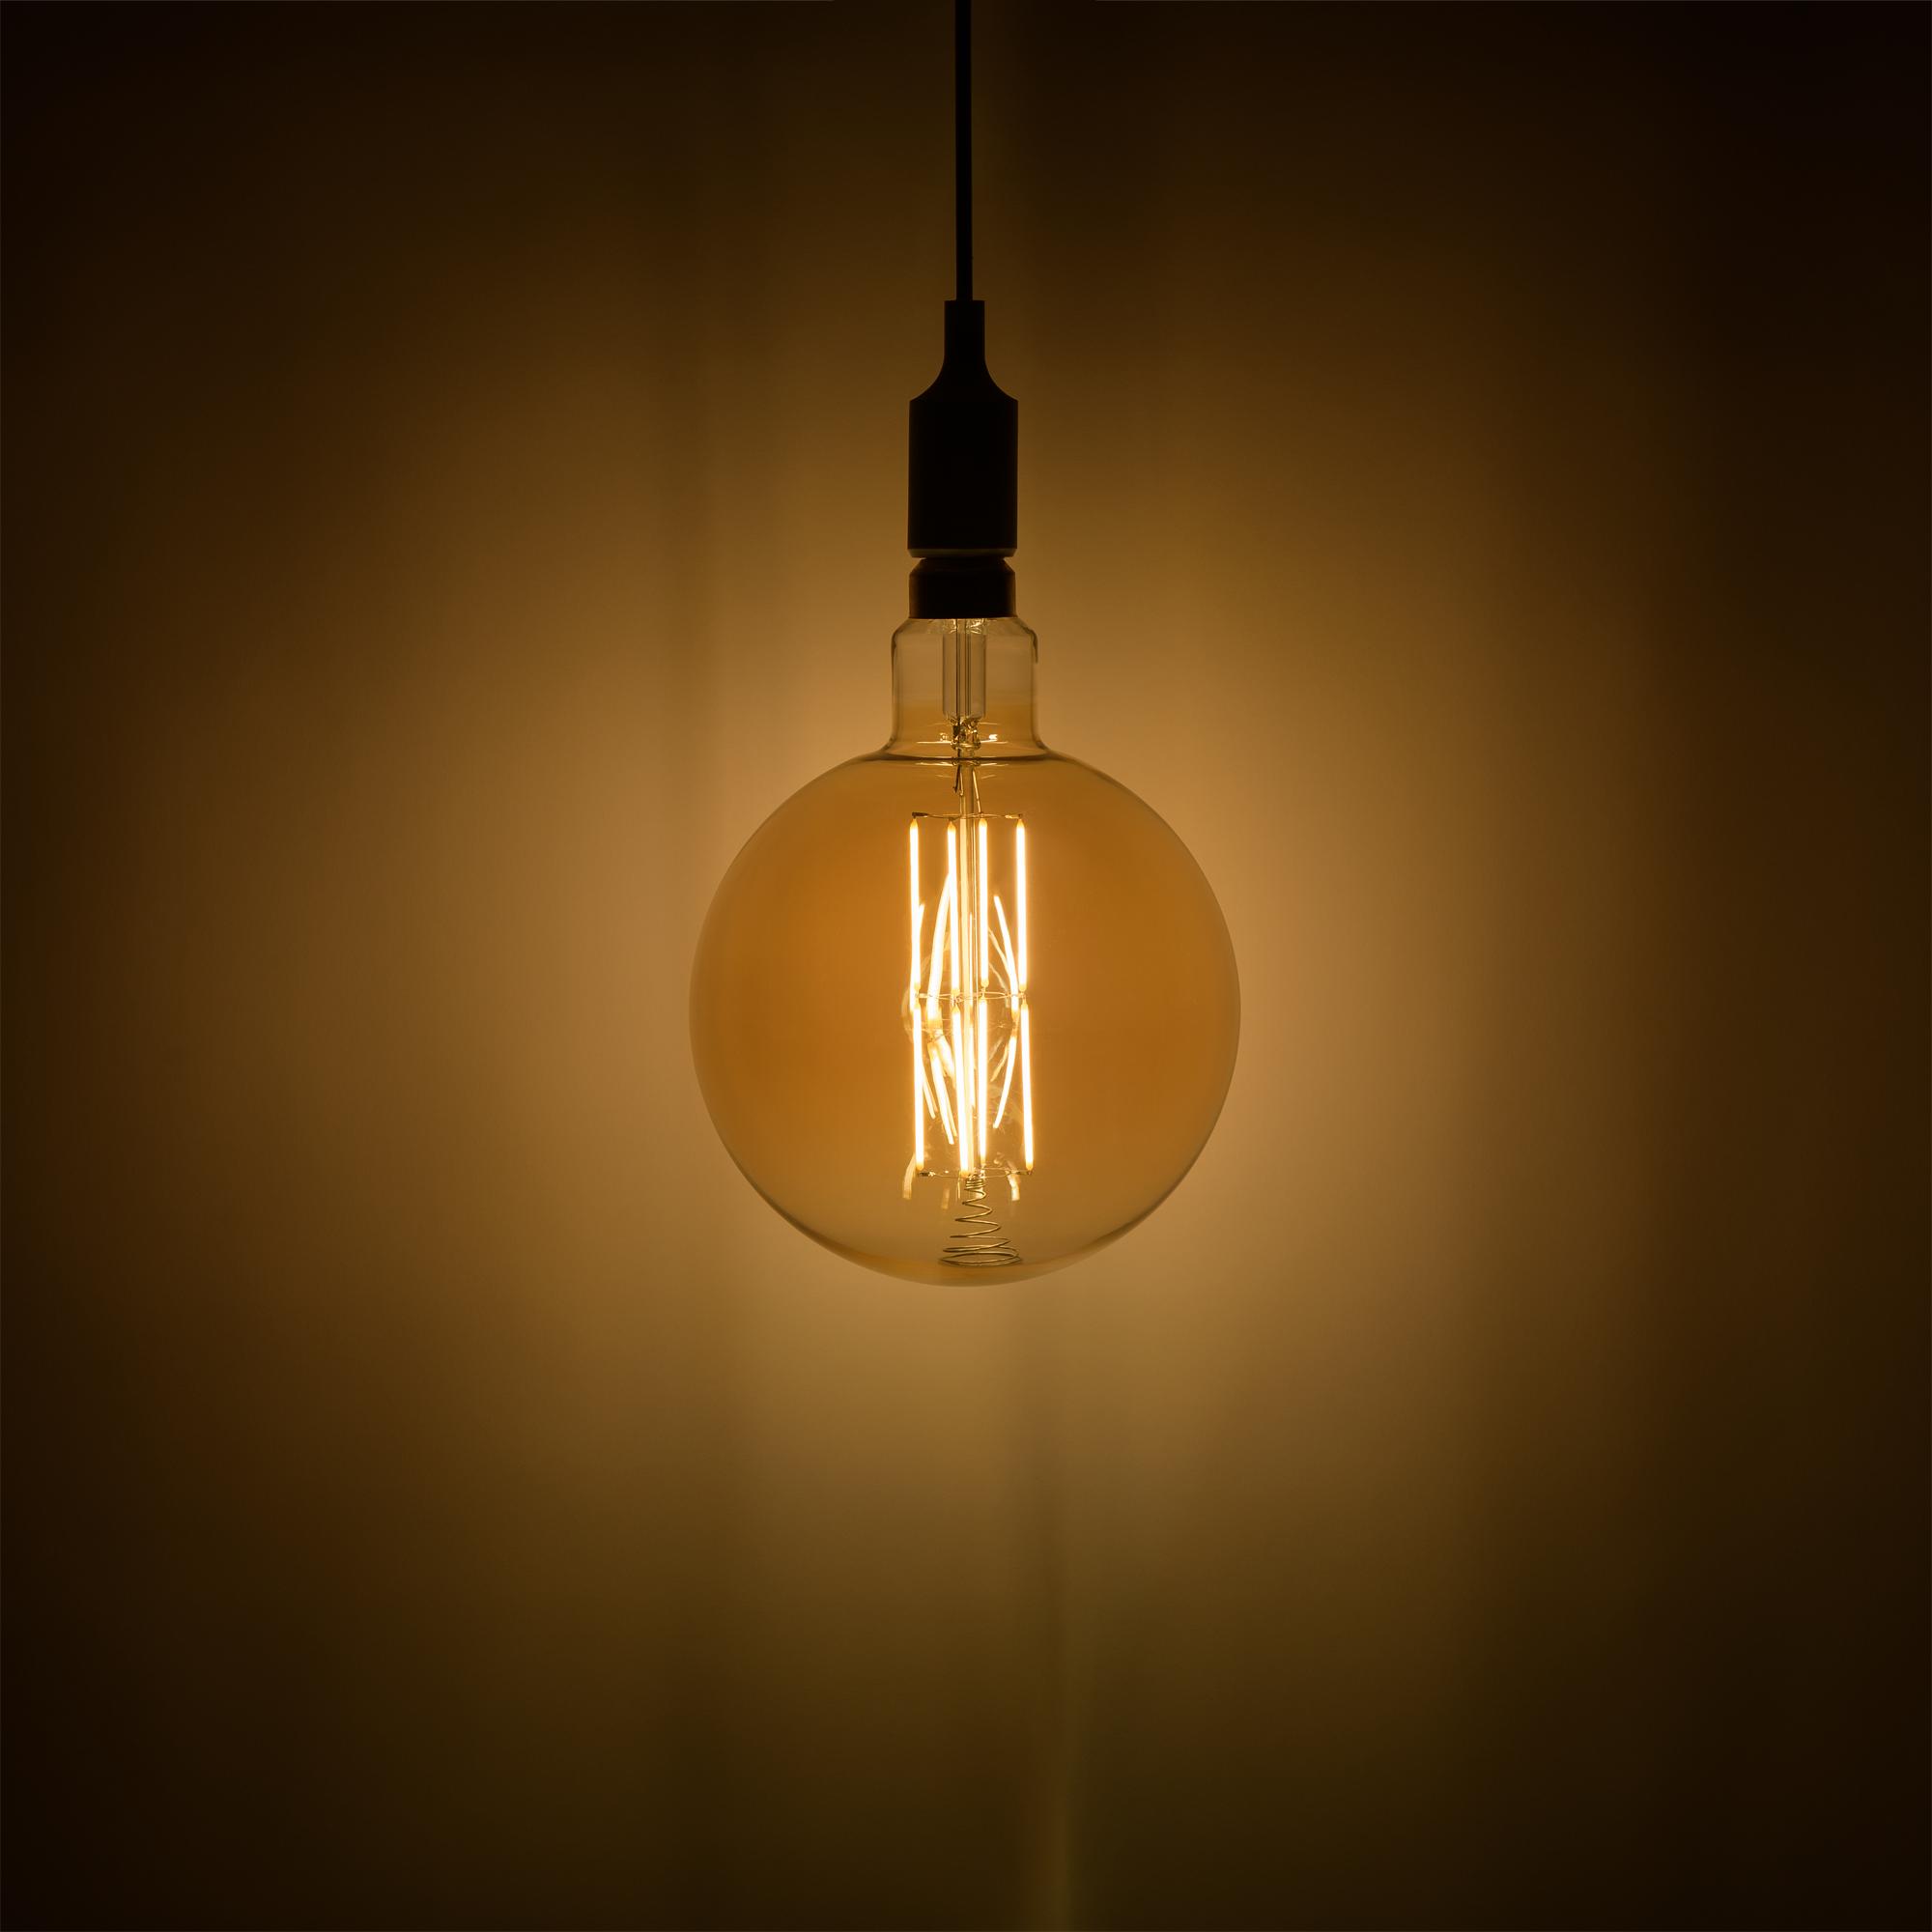 Лампа большая светодиодная Gauss Е27 8 Вт шар прямой свет тёплый золотая колба диаметр 20 см